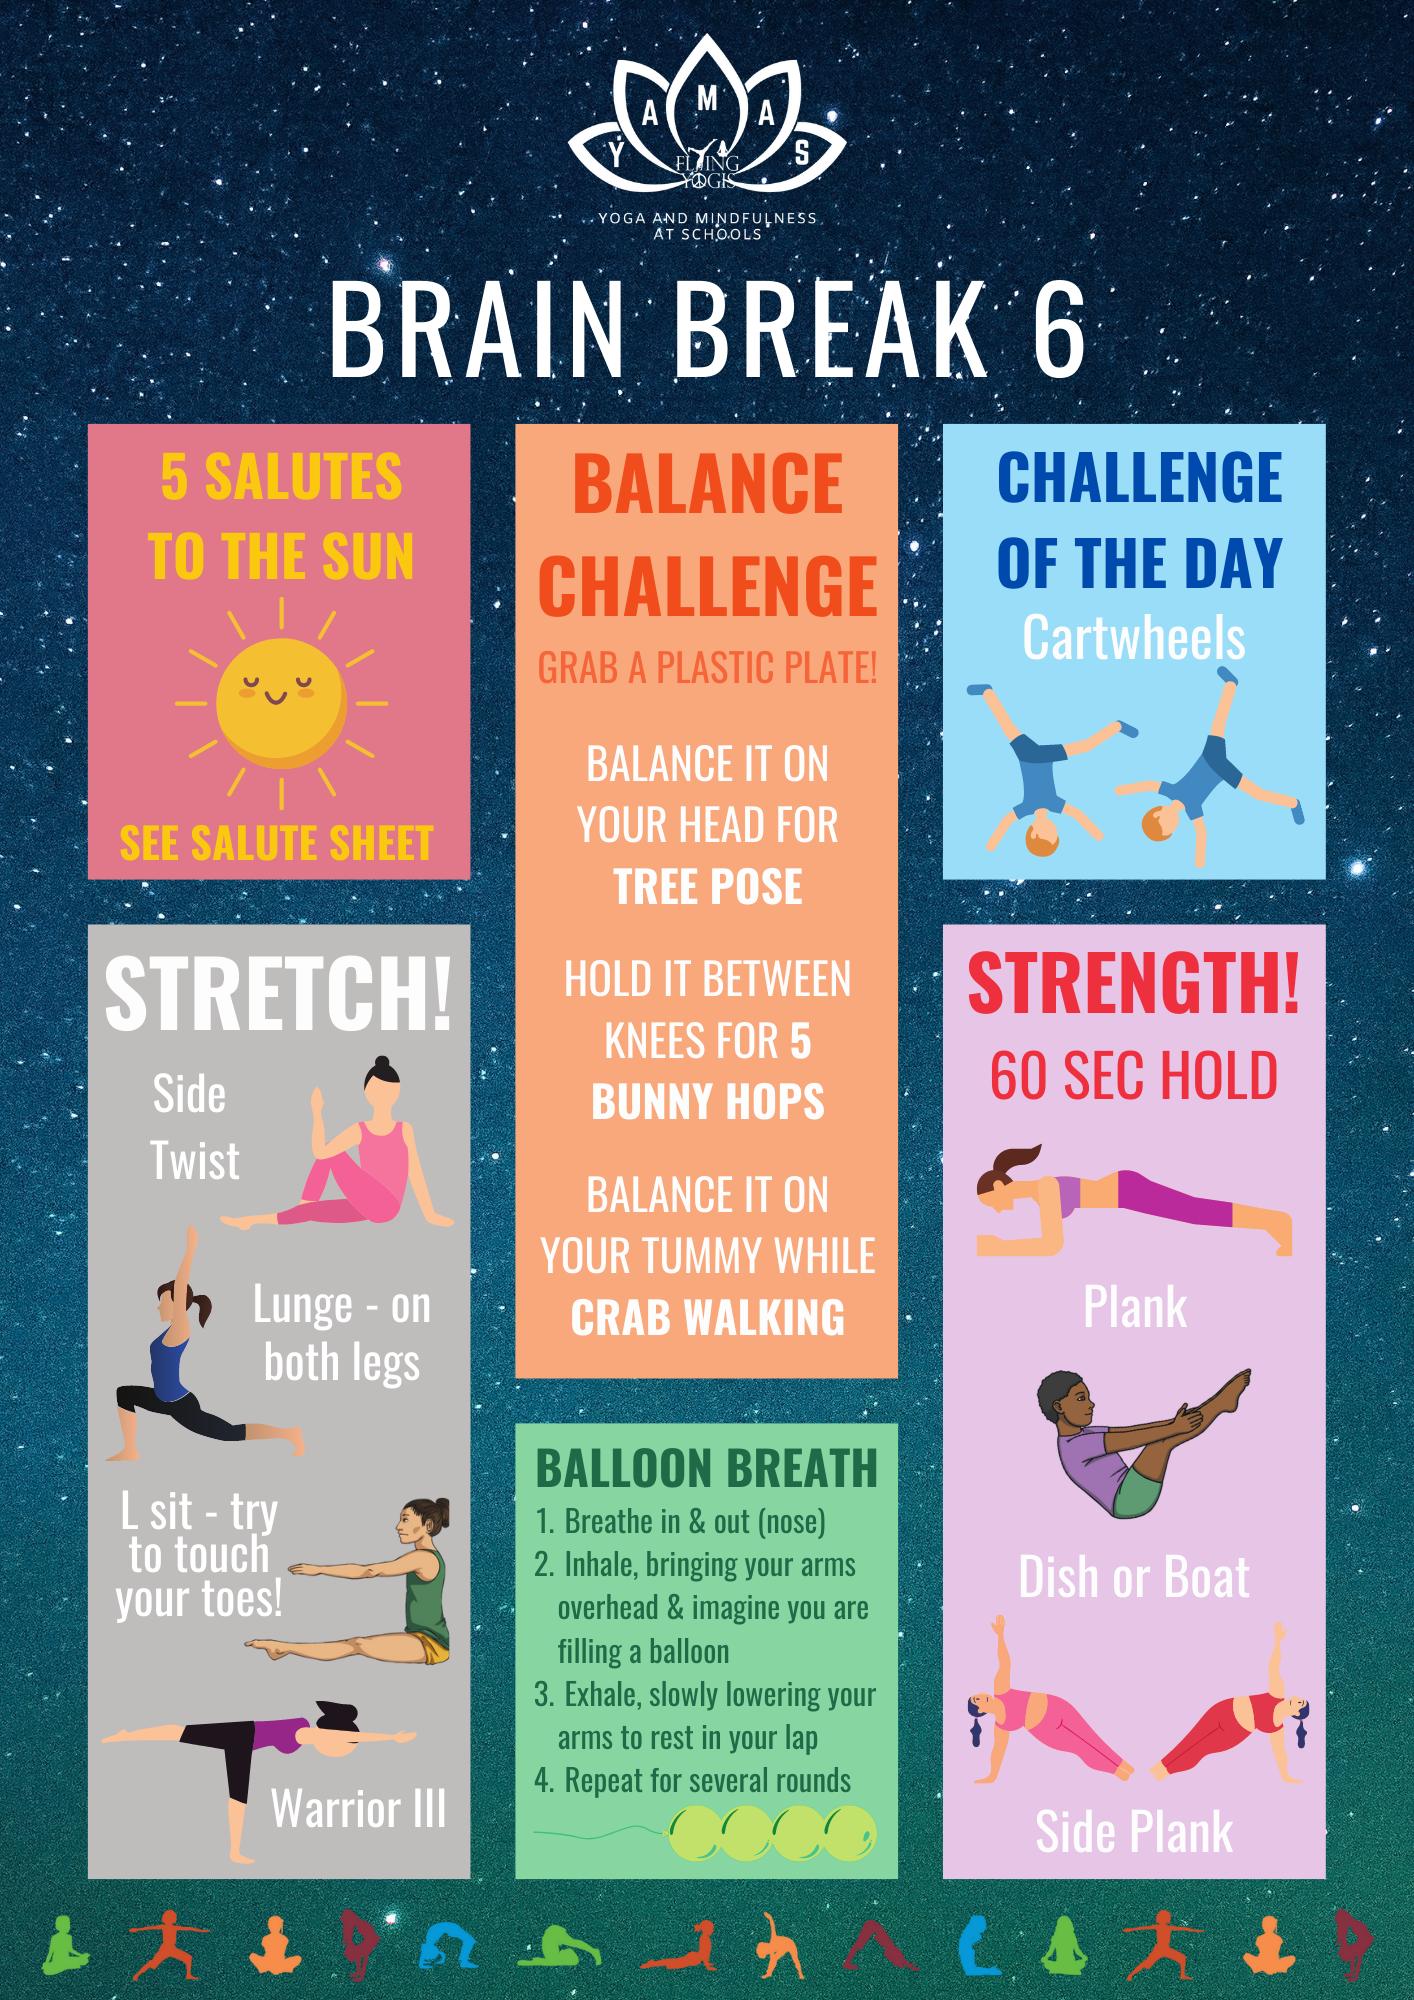 Brain Break 6